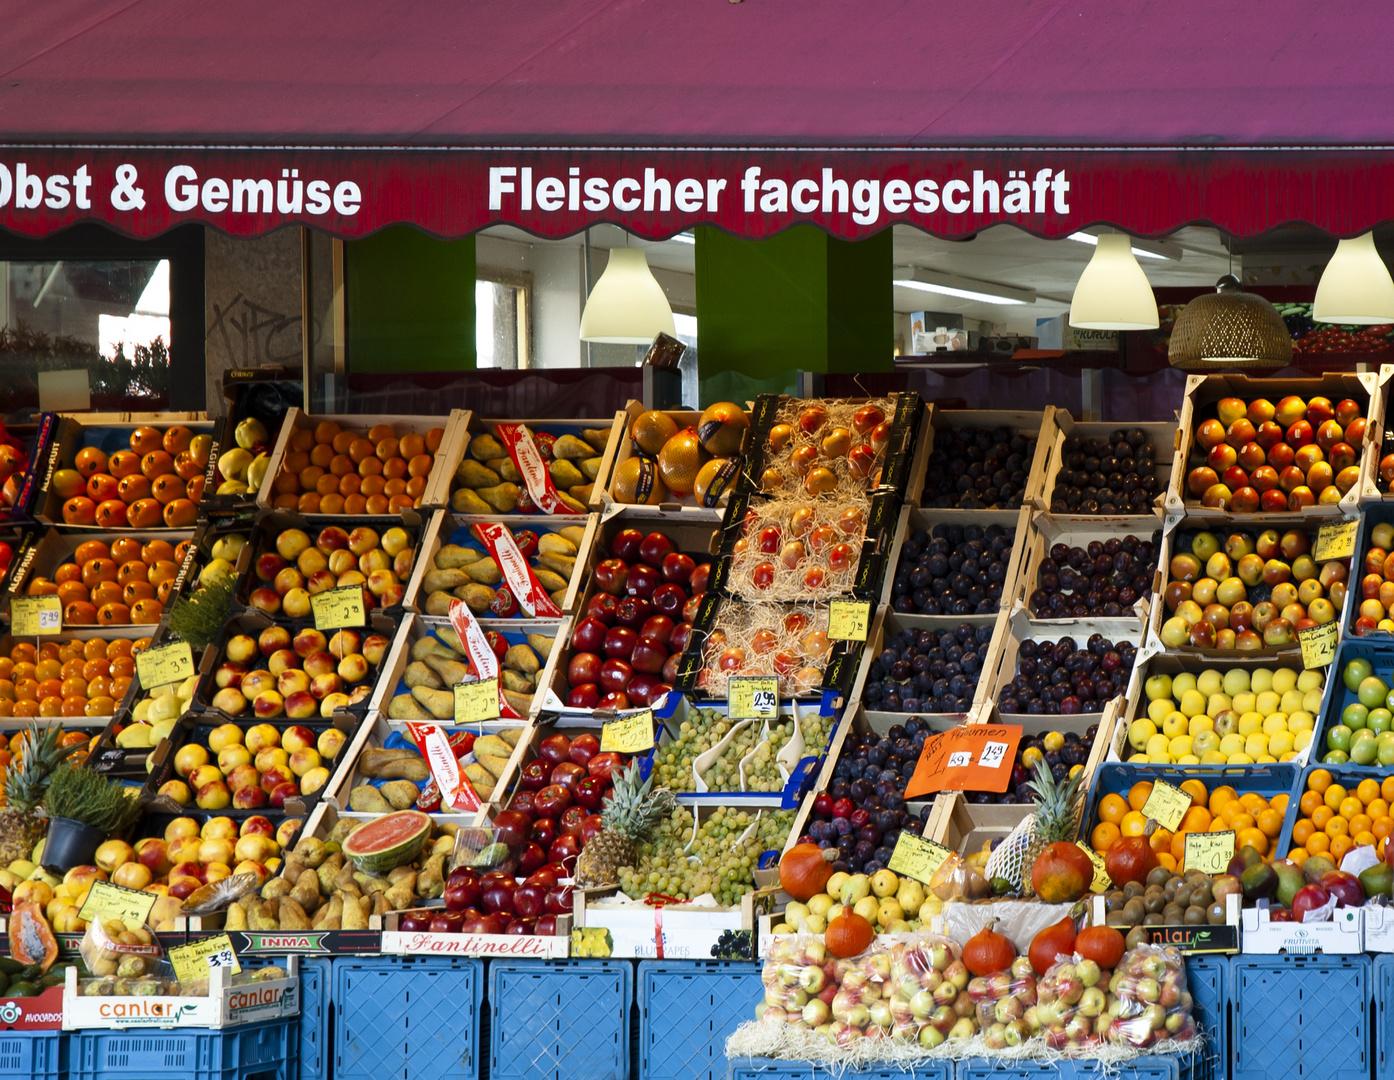 Fruchtfleisch-Fachgeschäft